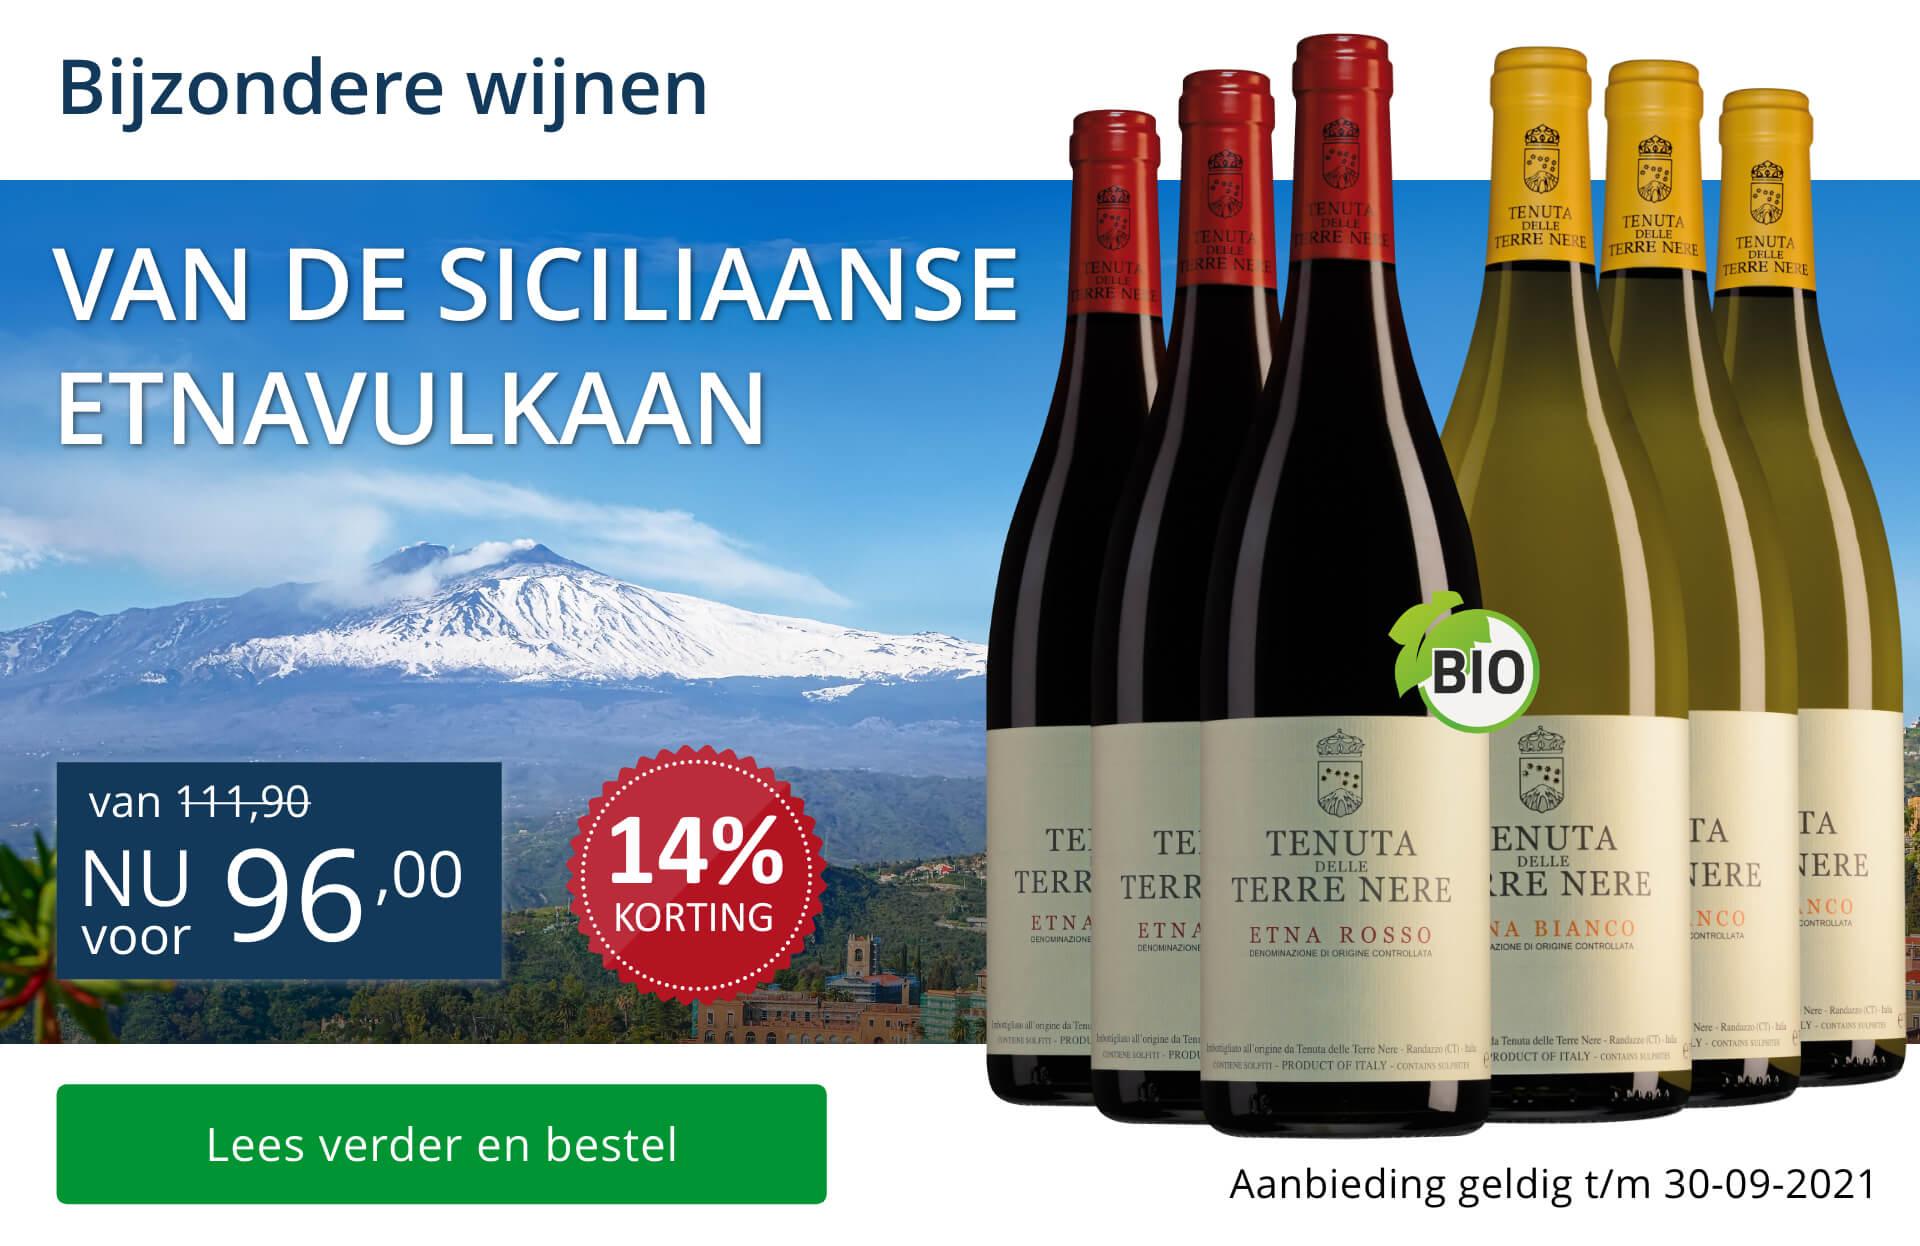 Wijnpakket bijzondere wijnen september 2021-blauw